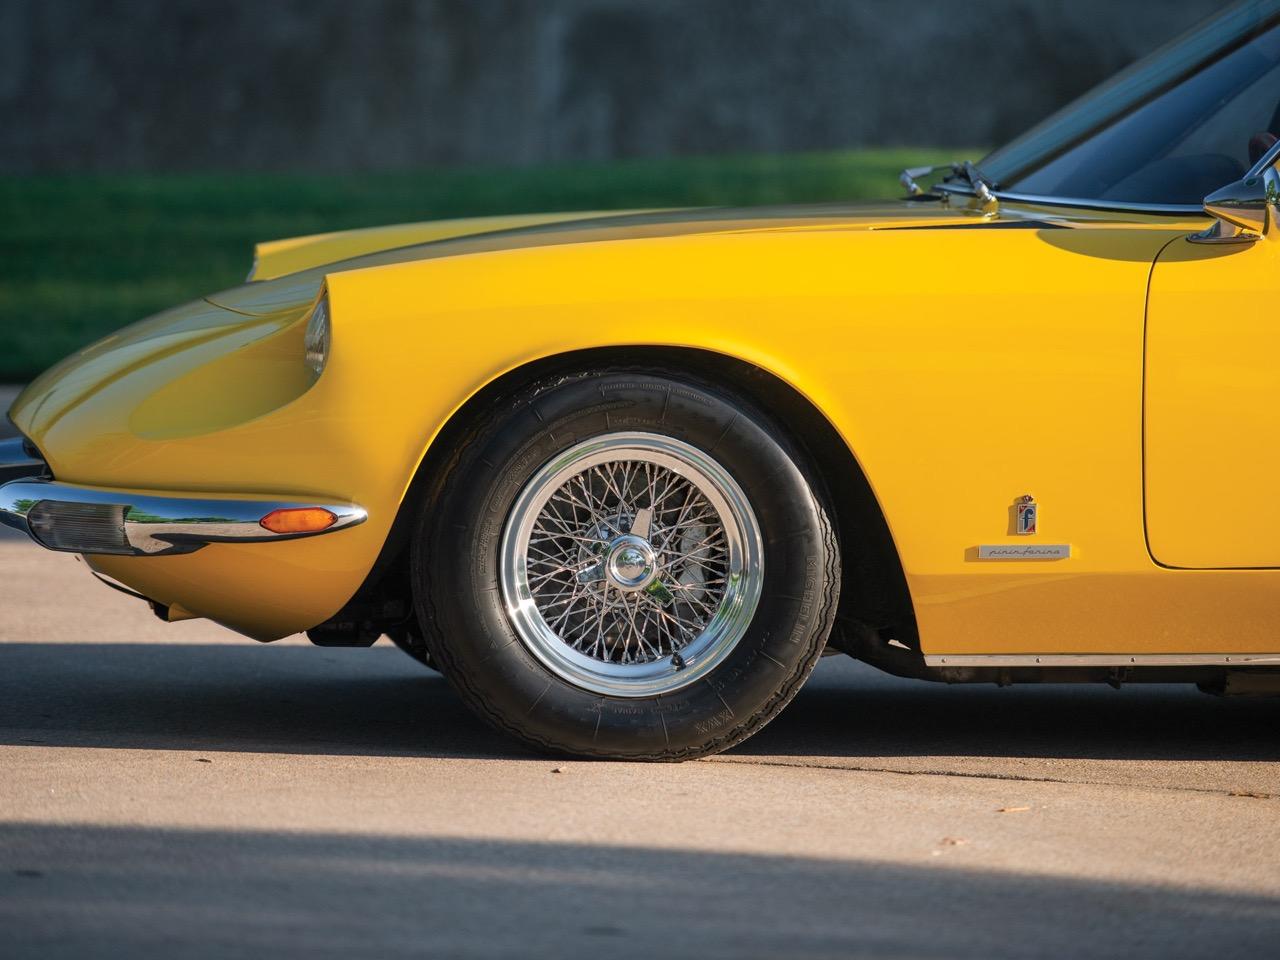 '68 Ferrari 365 GT 2+2 - Le charme des familiales ! 45